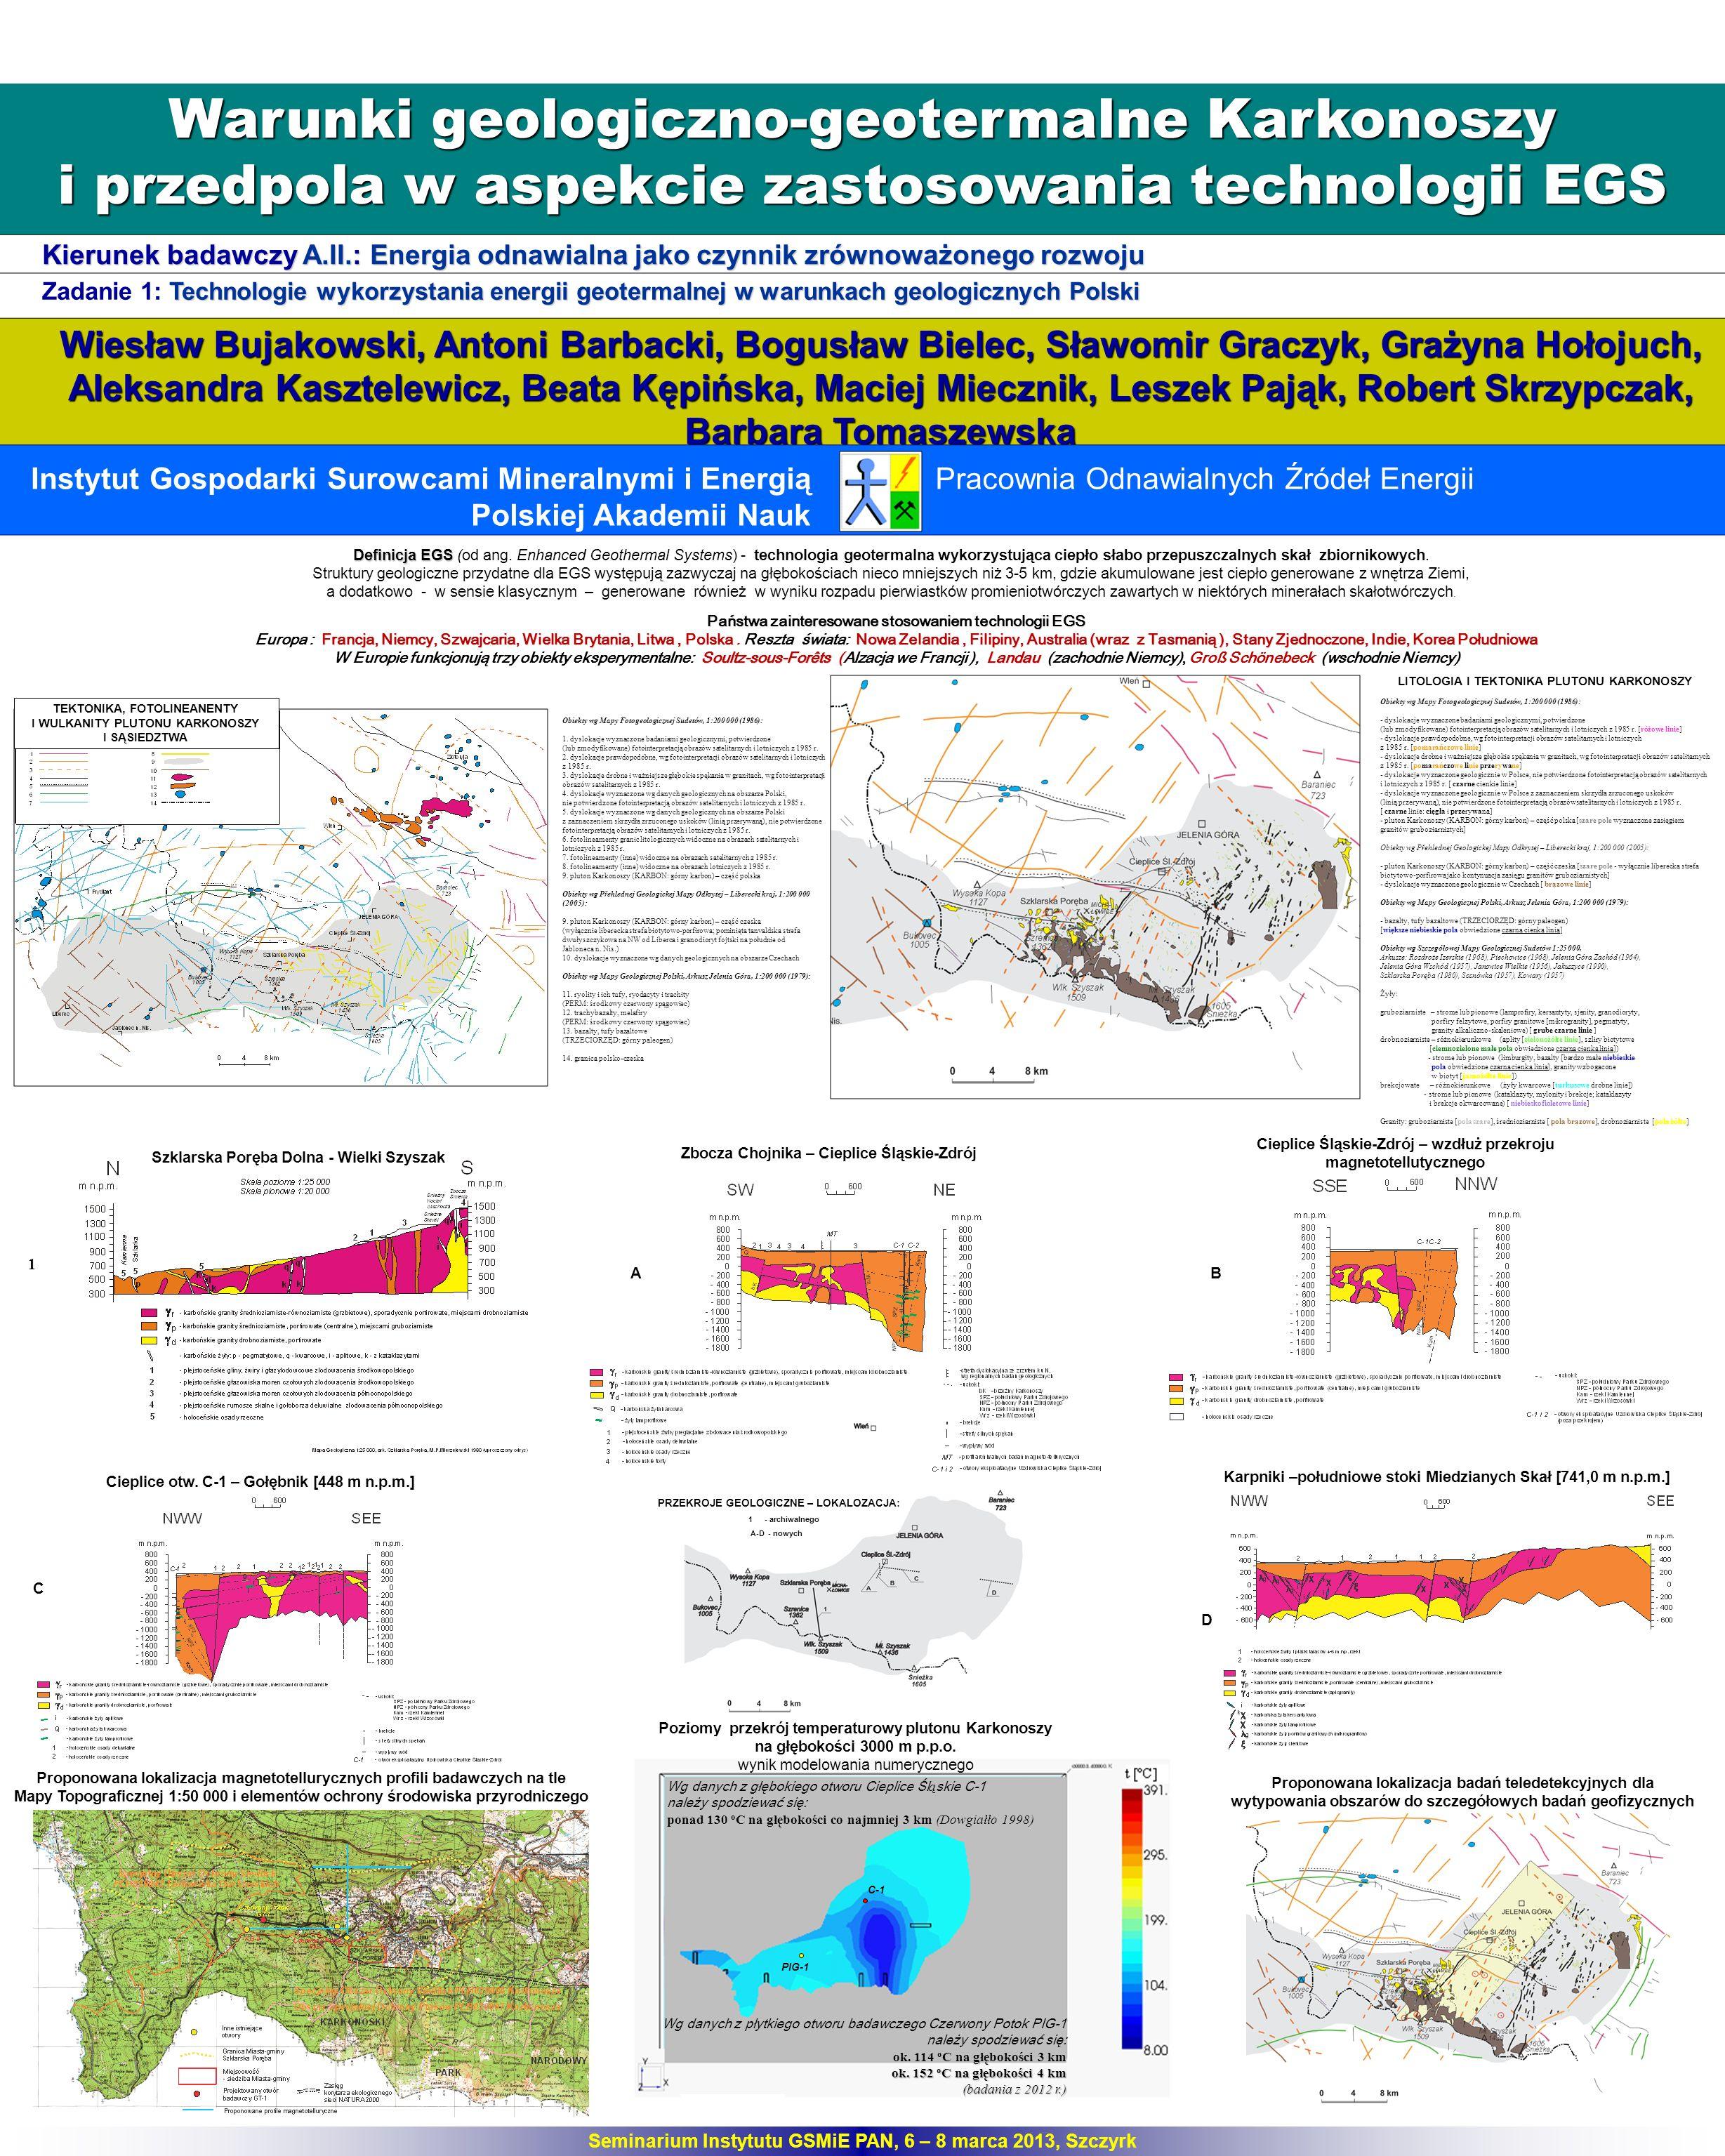 Warunki geologiczno-geotermalne Karkonoszy i przedpola w aspekcie zastosowania technologii EGS